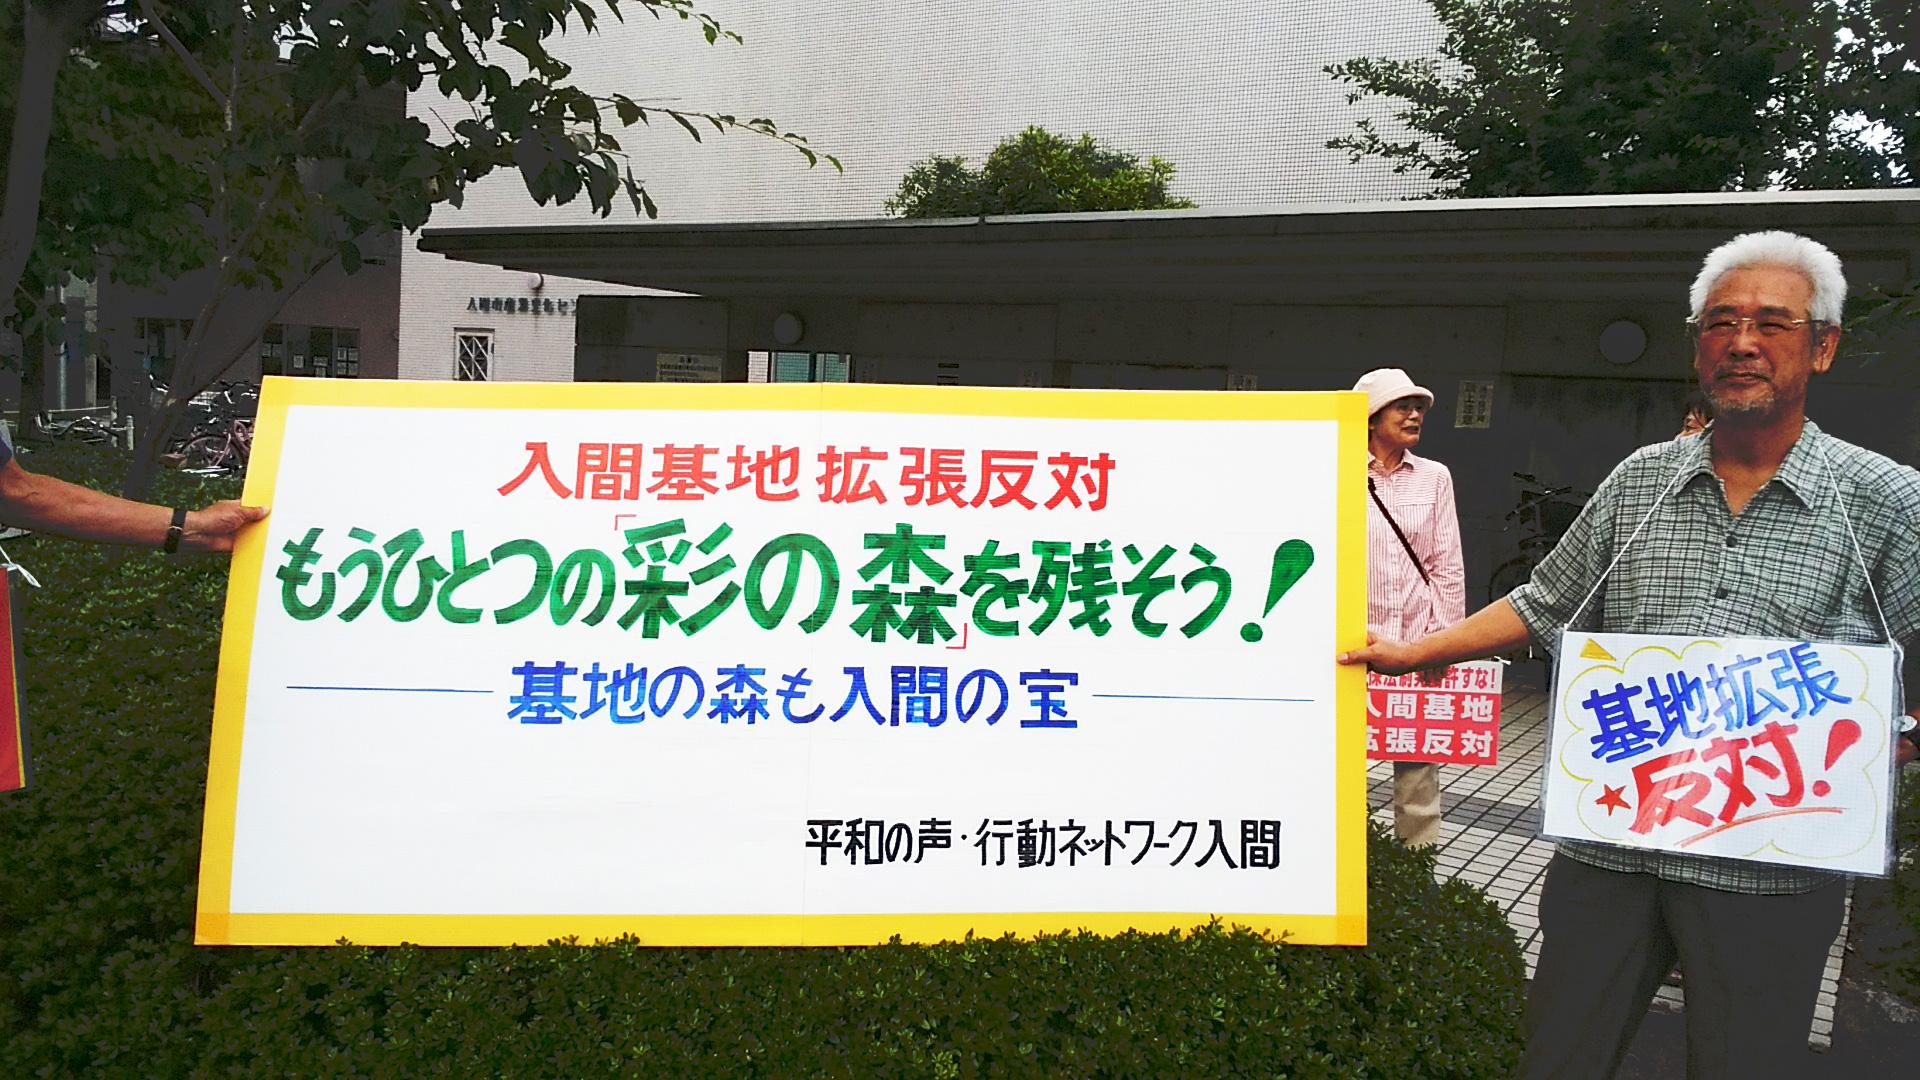 nokosou-one-more-sainomori.jpg